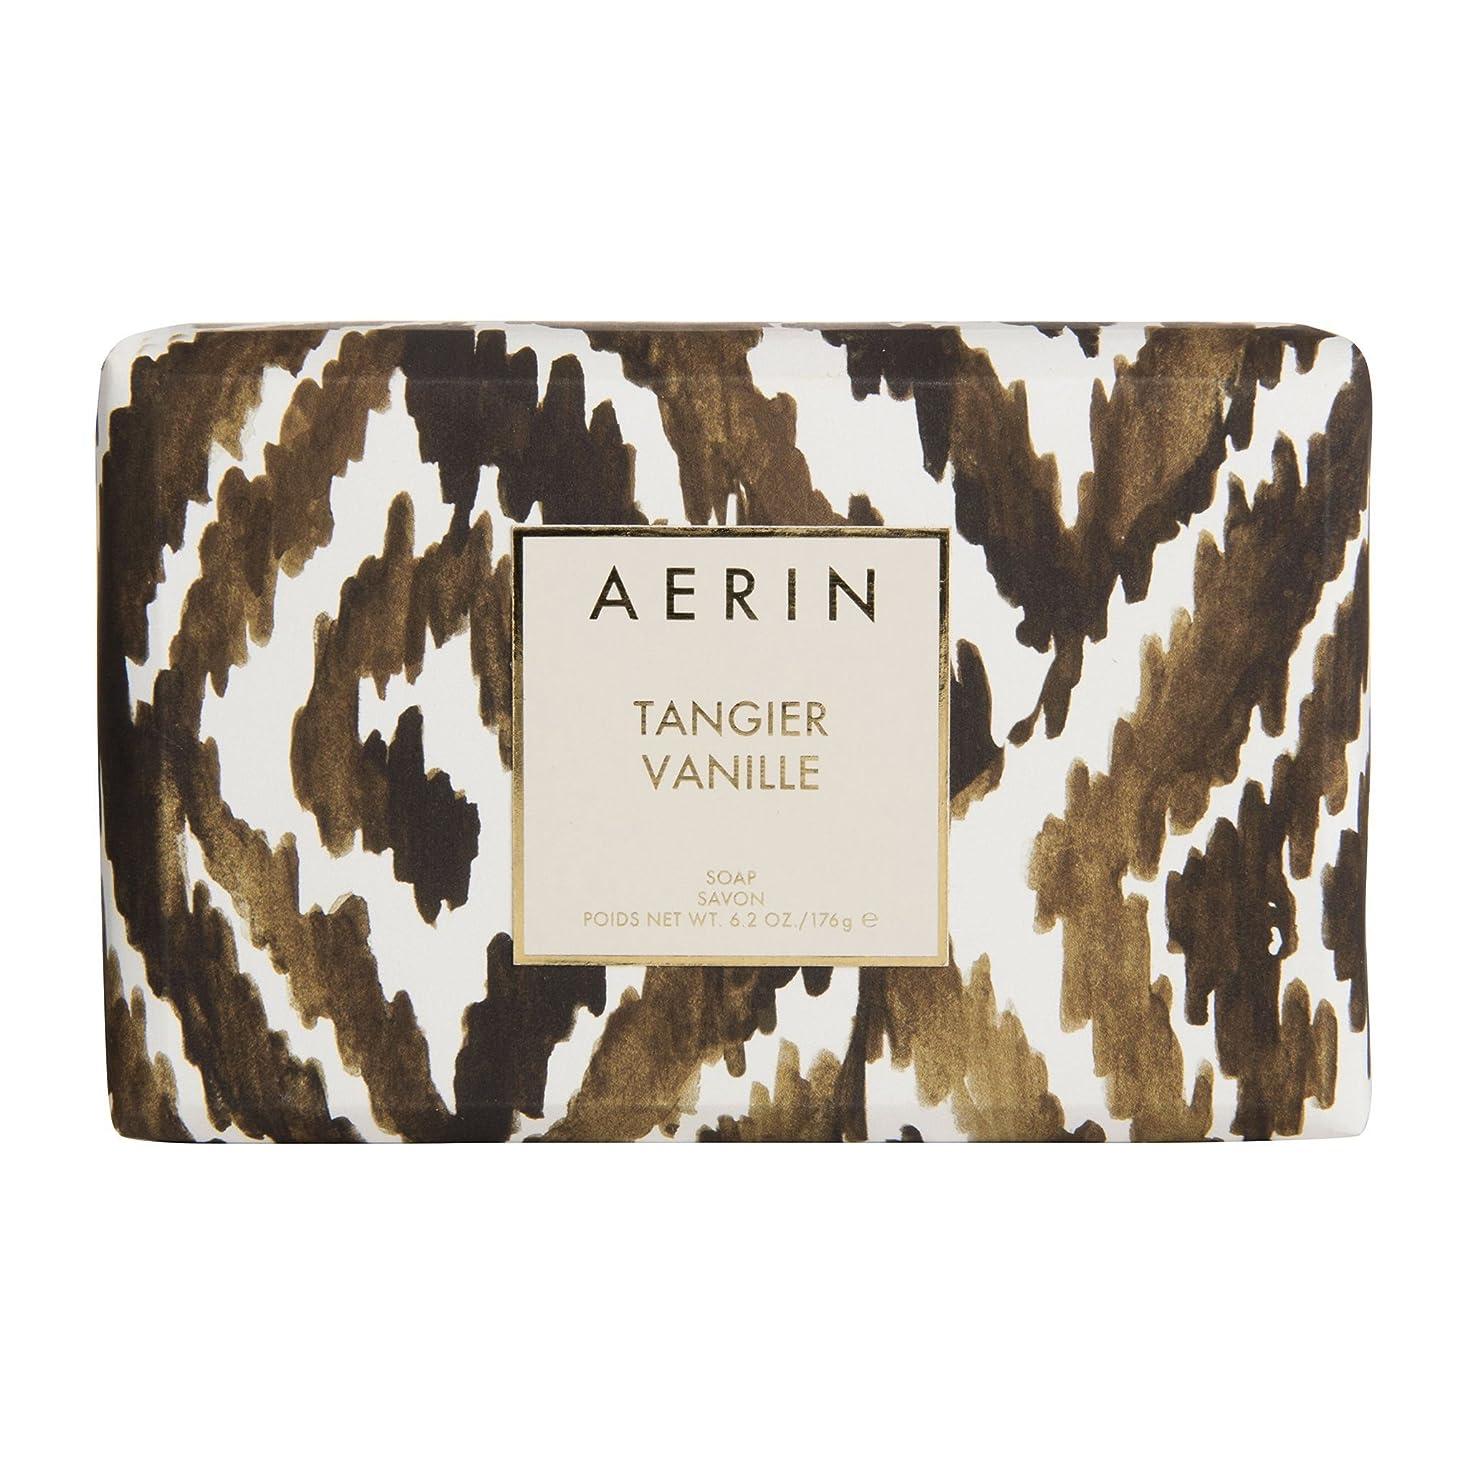 一月トランジスタスナックAERIN Tangier Vanille (アエリン タンジヤー バニール) 6.2 oz (186ml) Soap 固形石鹸 by Estee Lauder for Women